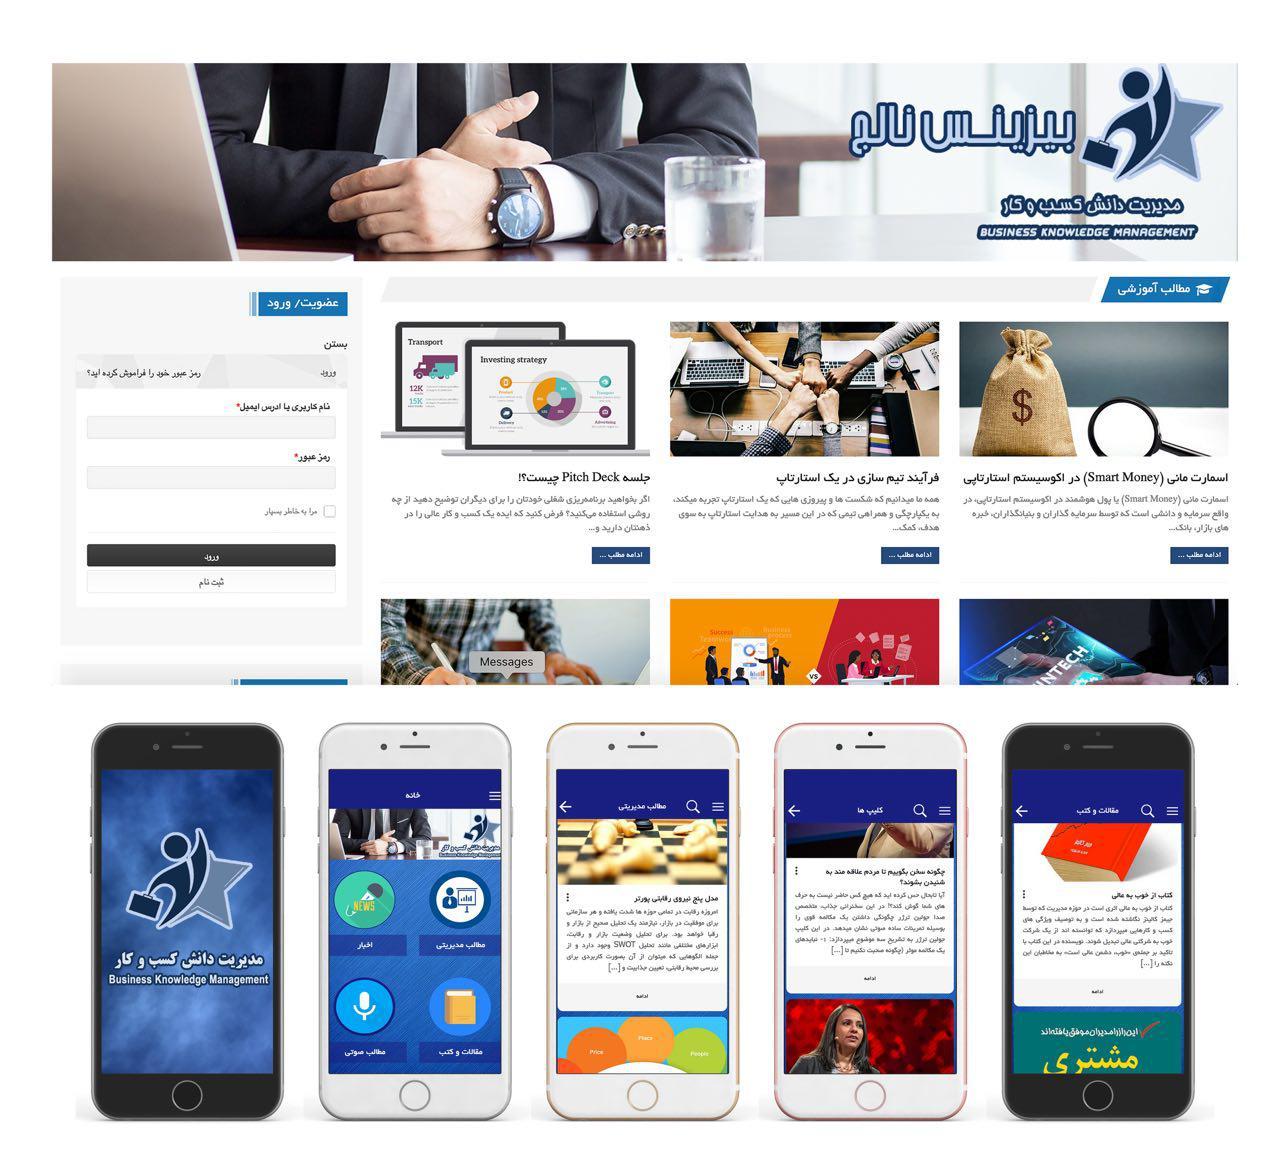 بیزینس نالج، پل ارتباطی میان کارآفرینان و کسب و کارها